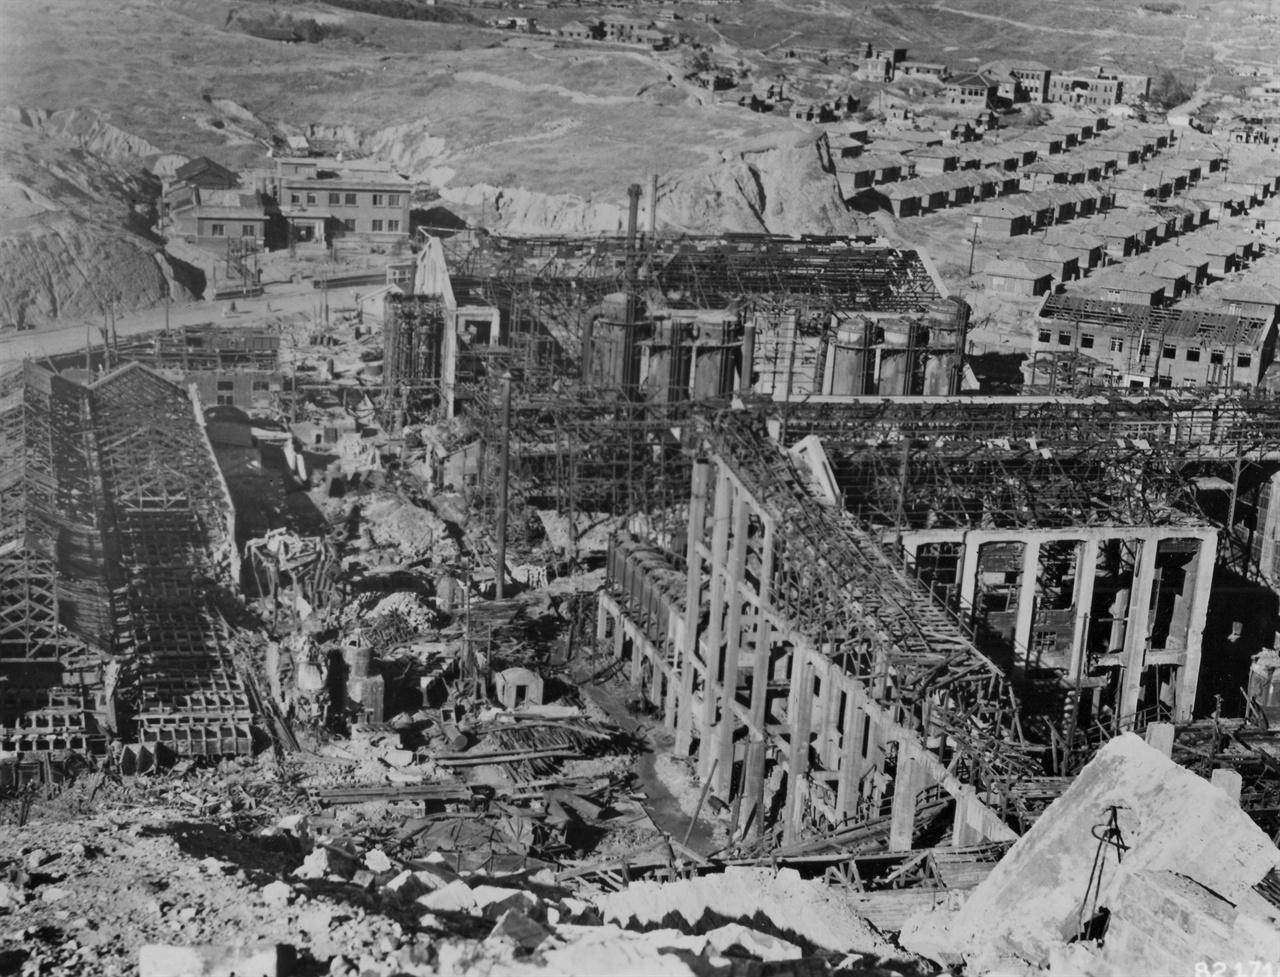 함흥,  폭격으로 잔해만 남은 흥남비료 공장(1950. 11. 6.).